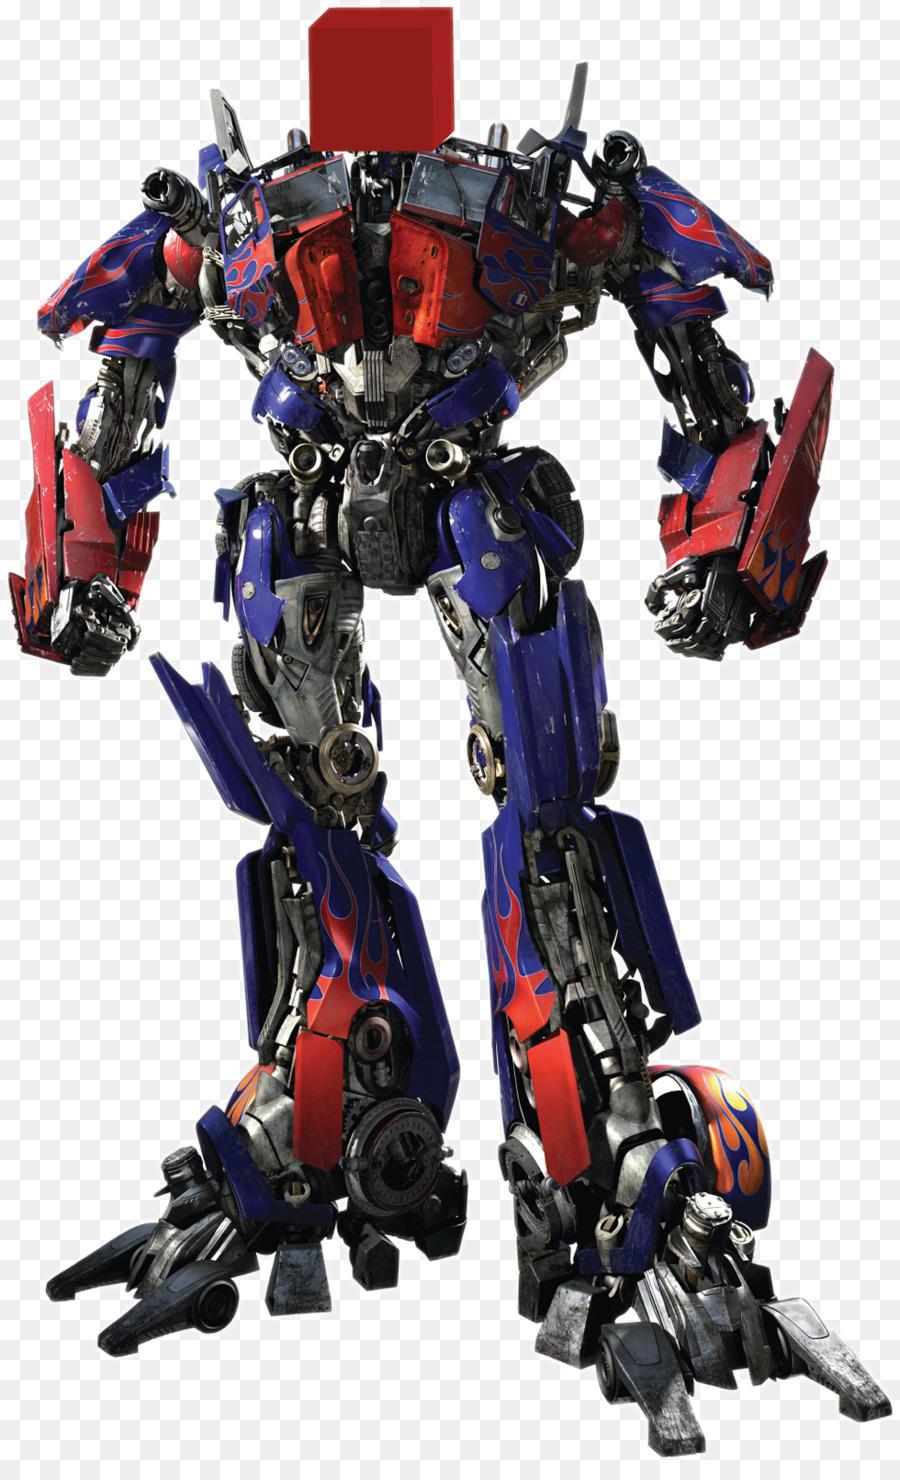 optimus prime megatron galvatron sentinel prime starscream